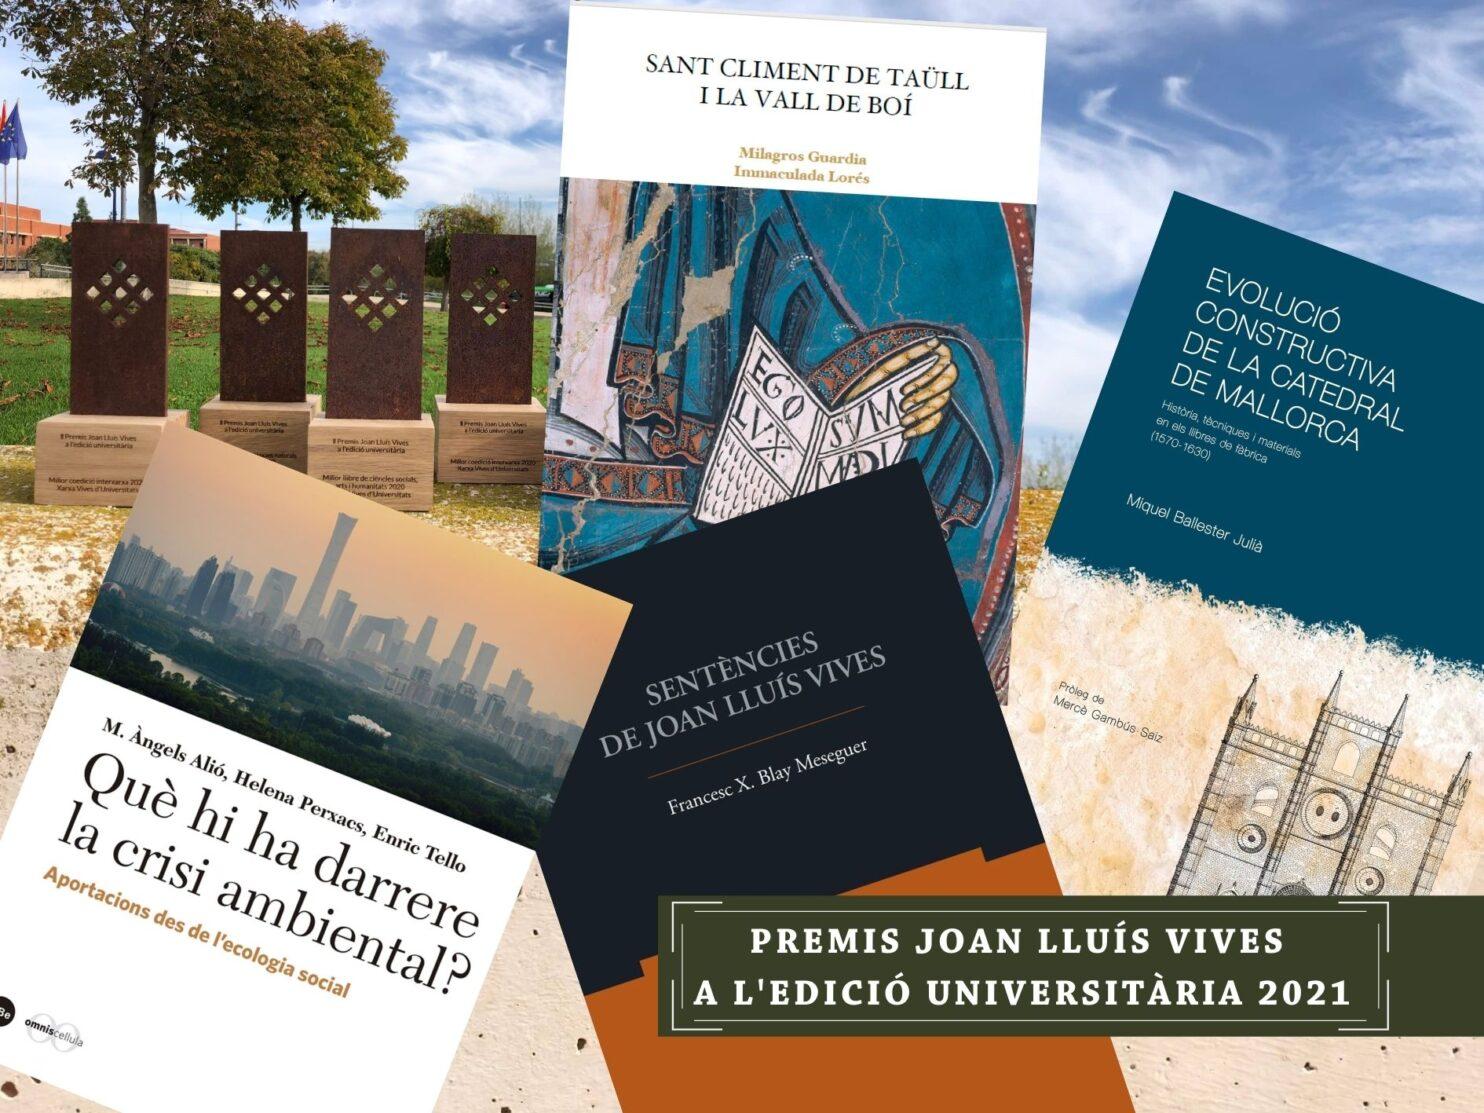 Premis Joan Lluís Vives a l'edició universitària 2021 web home